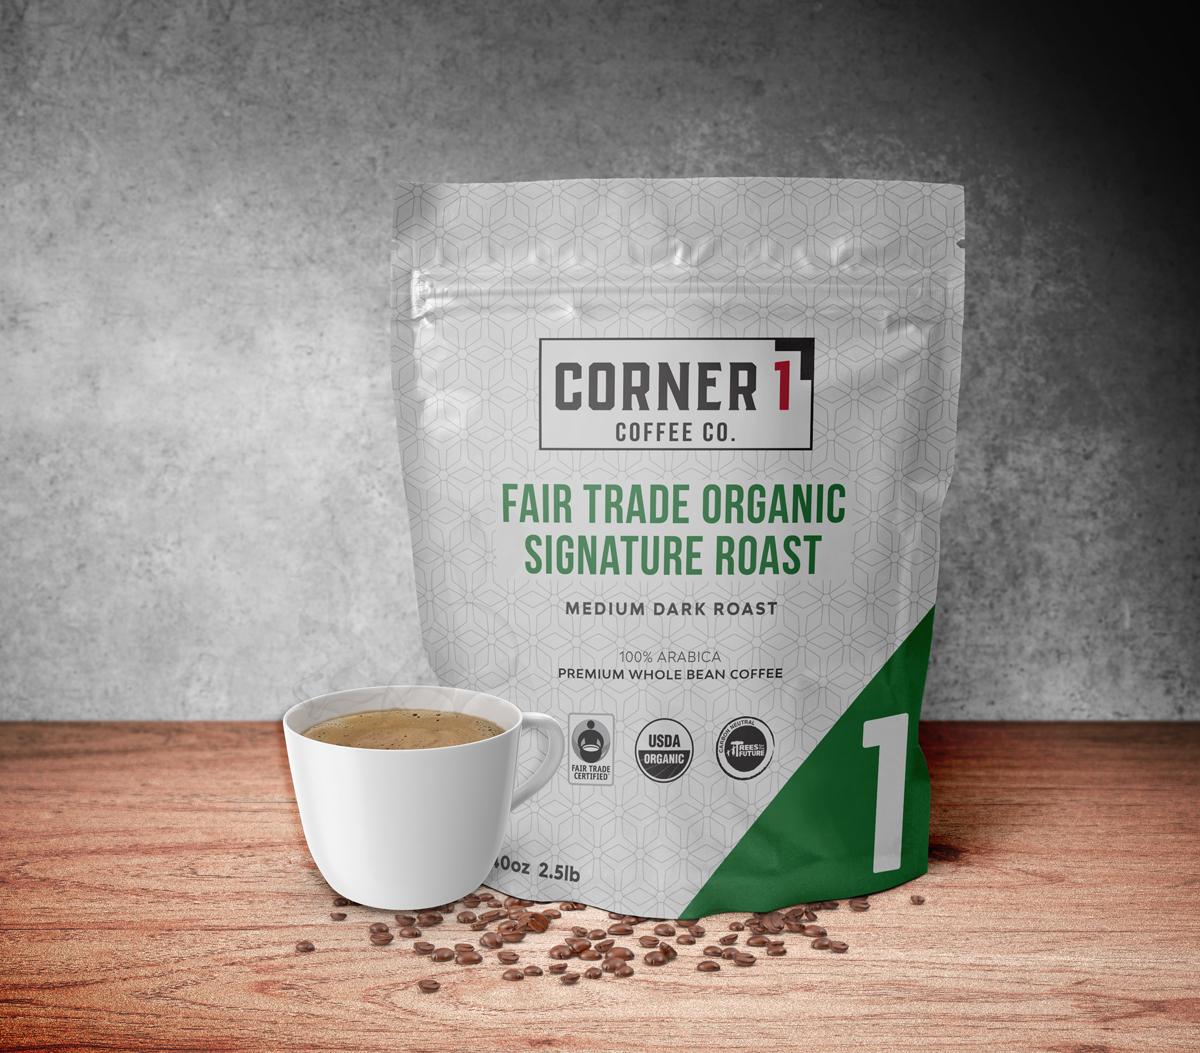 Fair Trade Organic Signature Roast Whole Bean Coffee